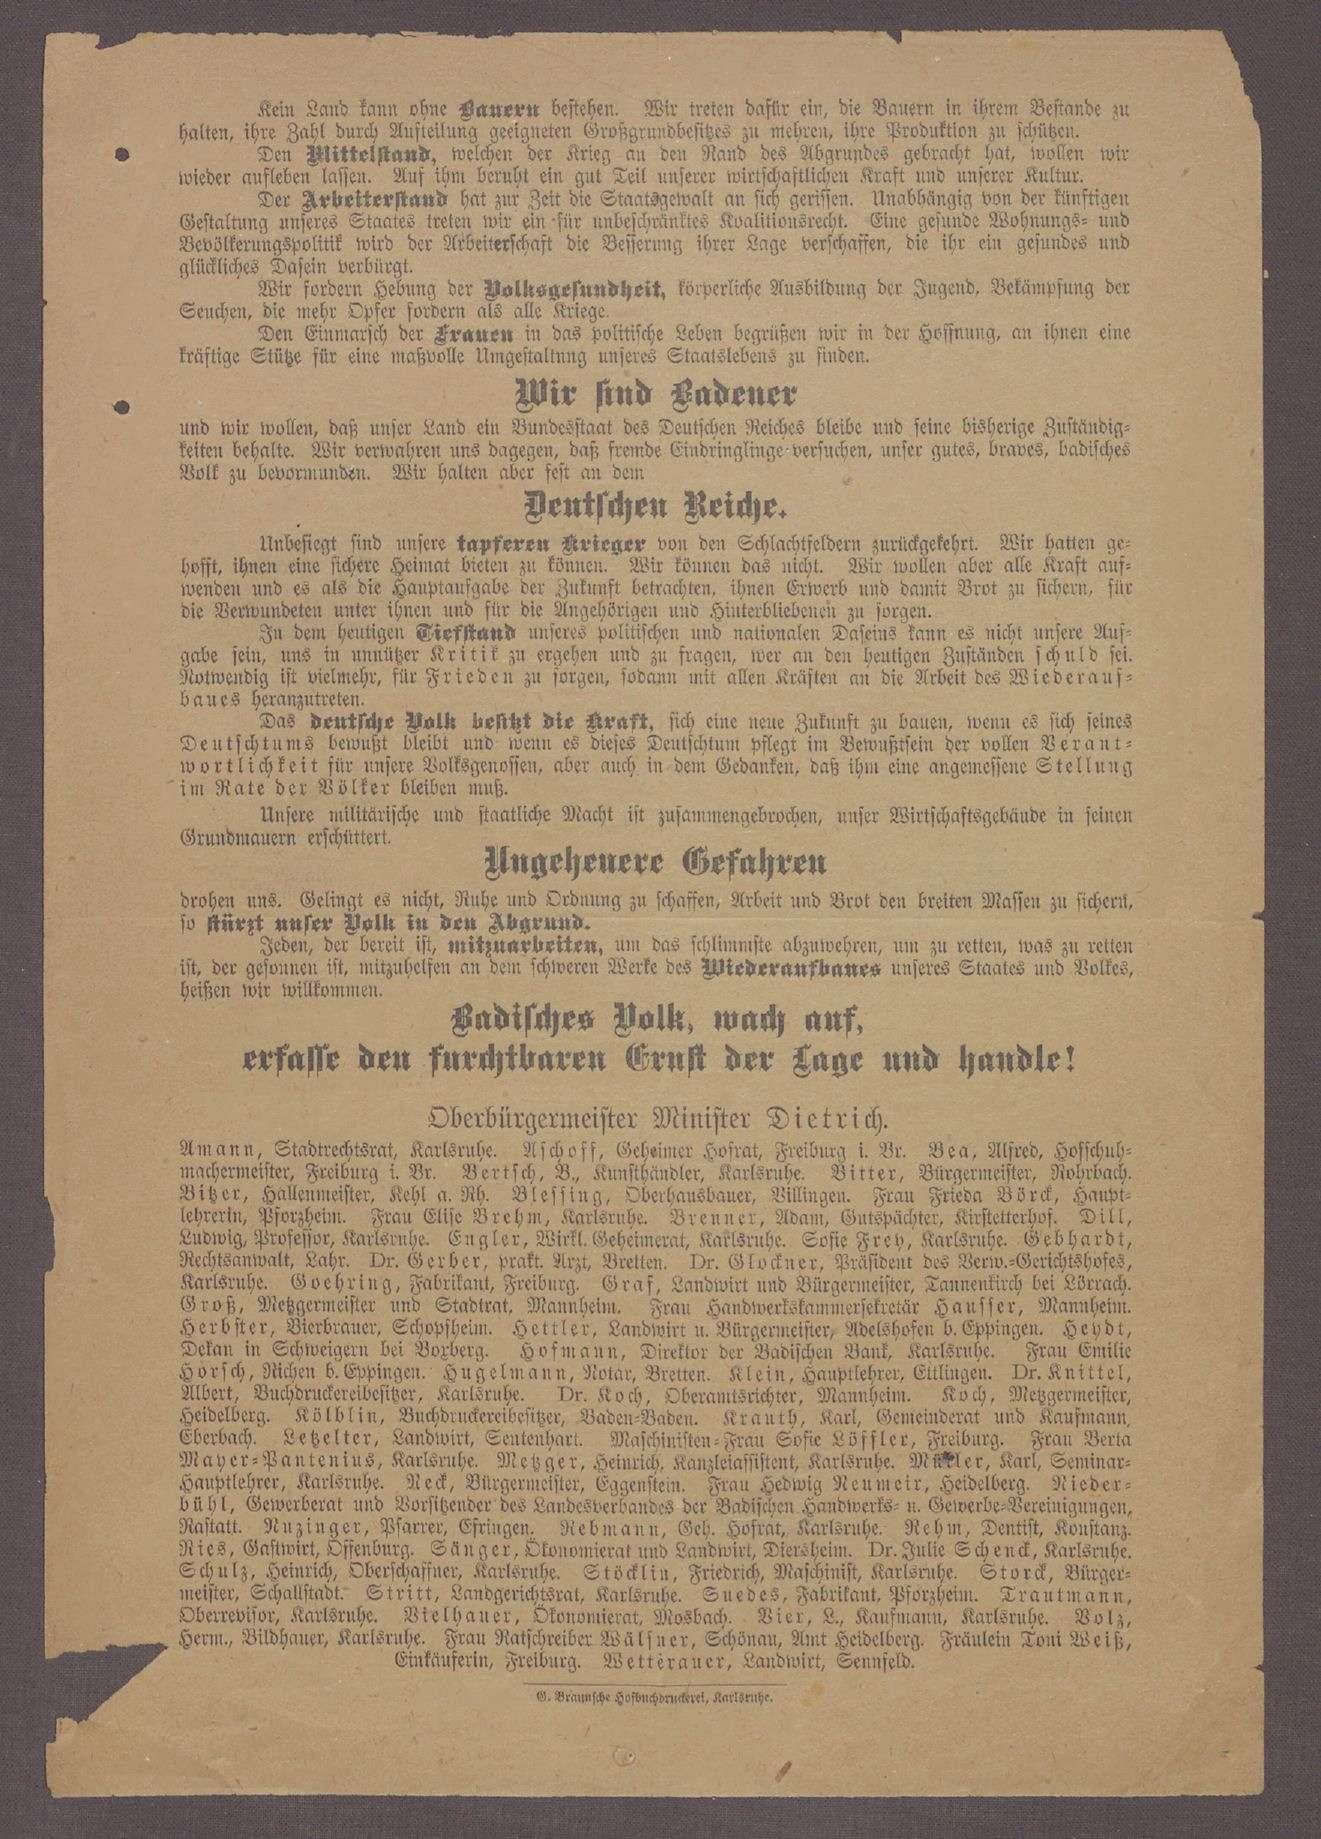 """""""Aufruf der Badischen Volkspartei"""": Flugblatt der Badischen Volkspartei [später DDP] und ihres Spitzenkandidaten Hermann Dietrich, Bild 2"""